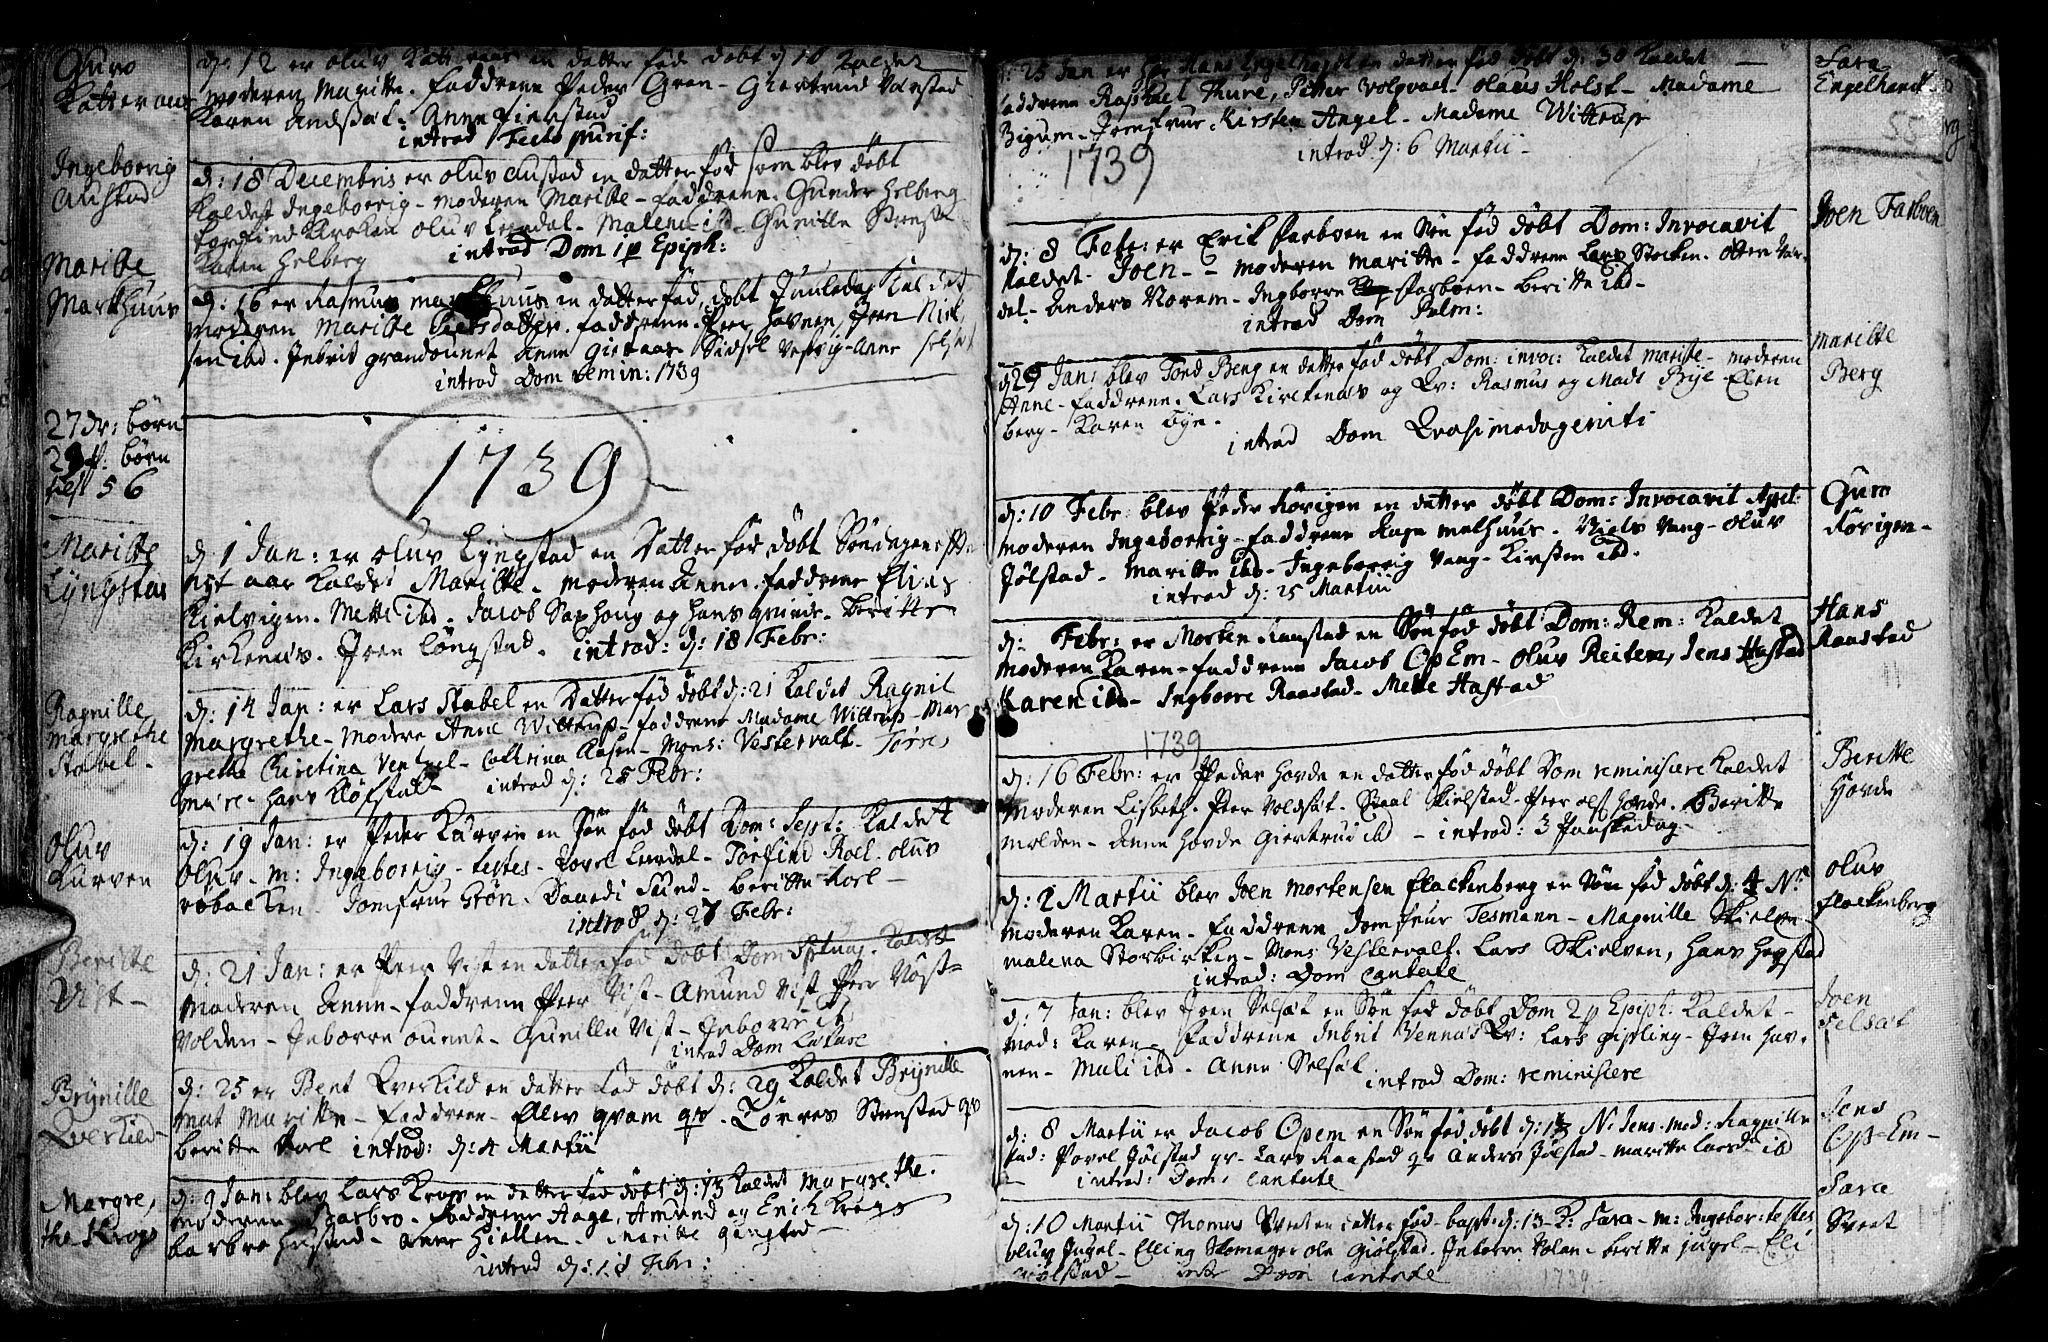 SAT, Ministerialprotokoller, klokkerbøker og fødselsregistre - Nord-Trøndelag, 730/L0272: Ministerialbok nr. 730A01, 1733-1764, s. 55